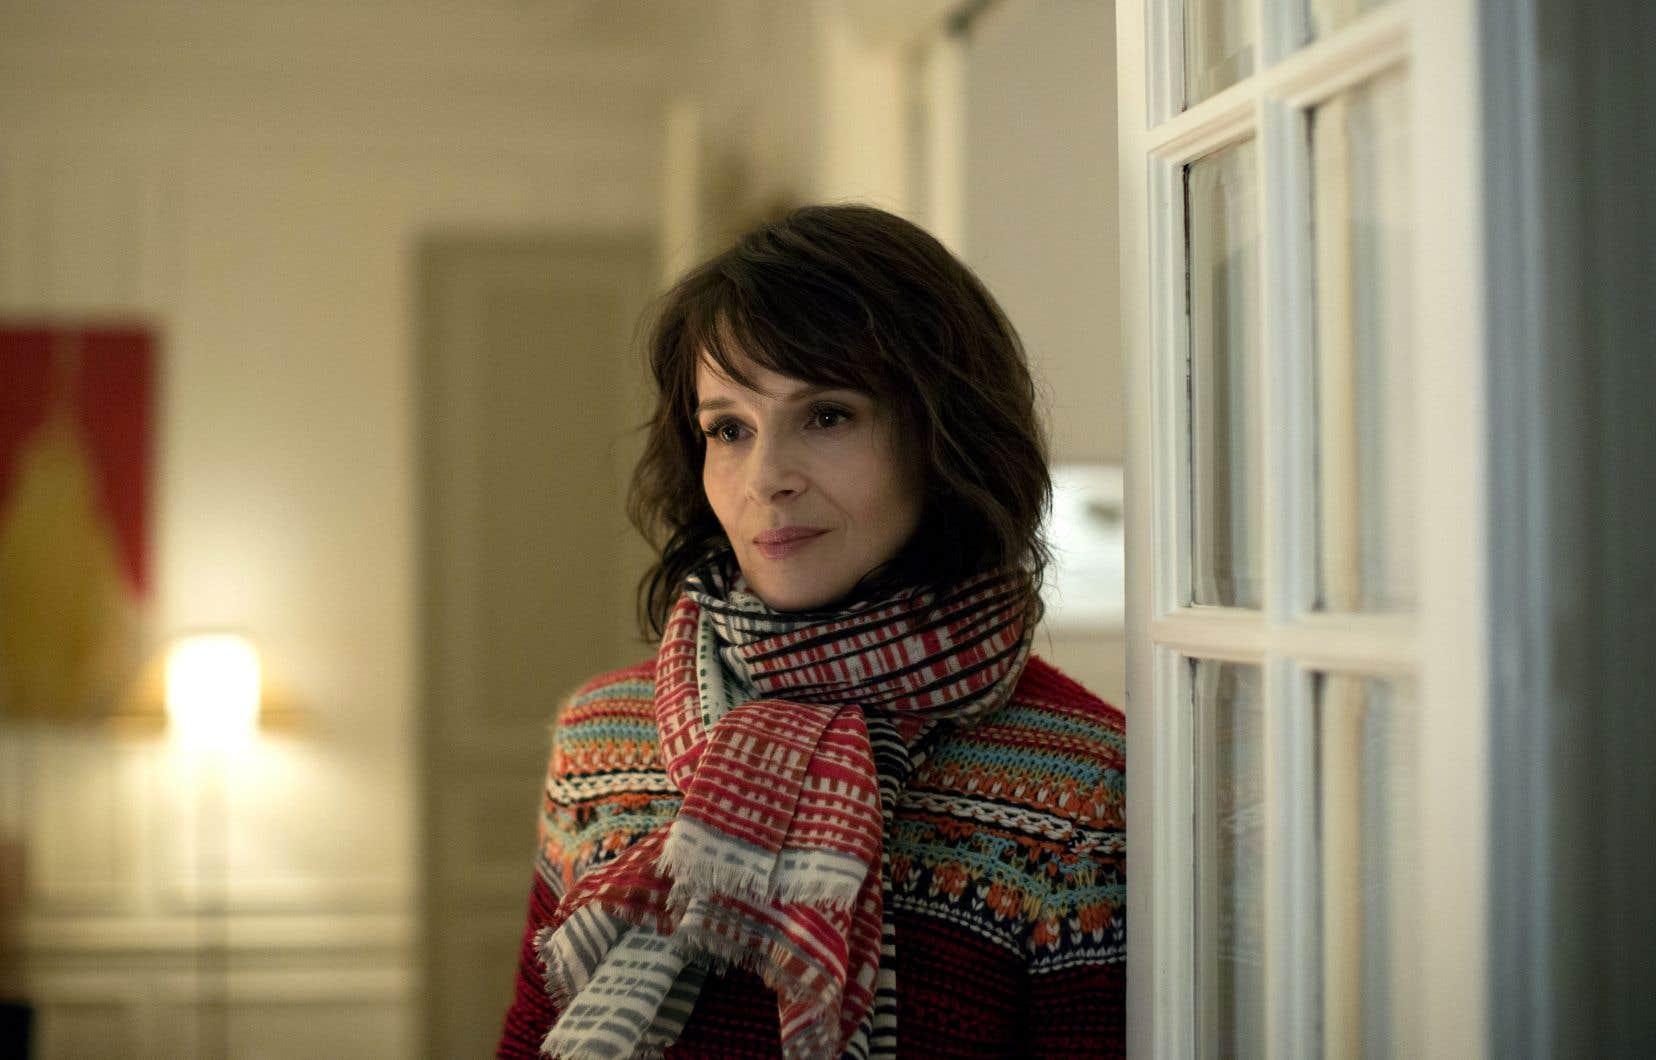 Juliette Binoche joue le rôle d'une actrice qui entretient une liaison avec un écrivain, celui-ci publié par son mari, directeur d'une maison d'édition.